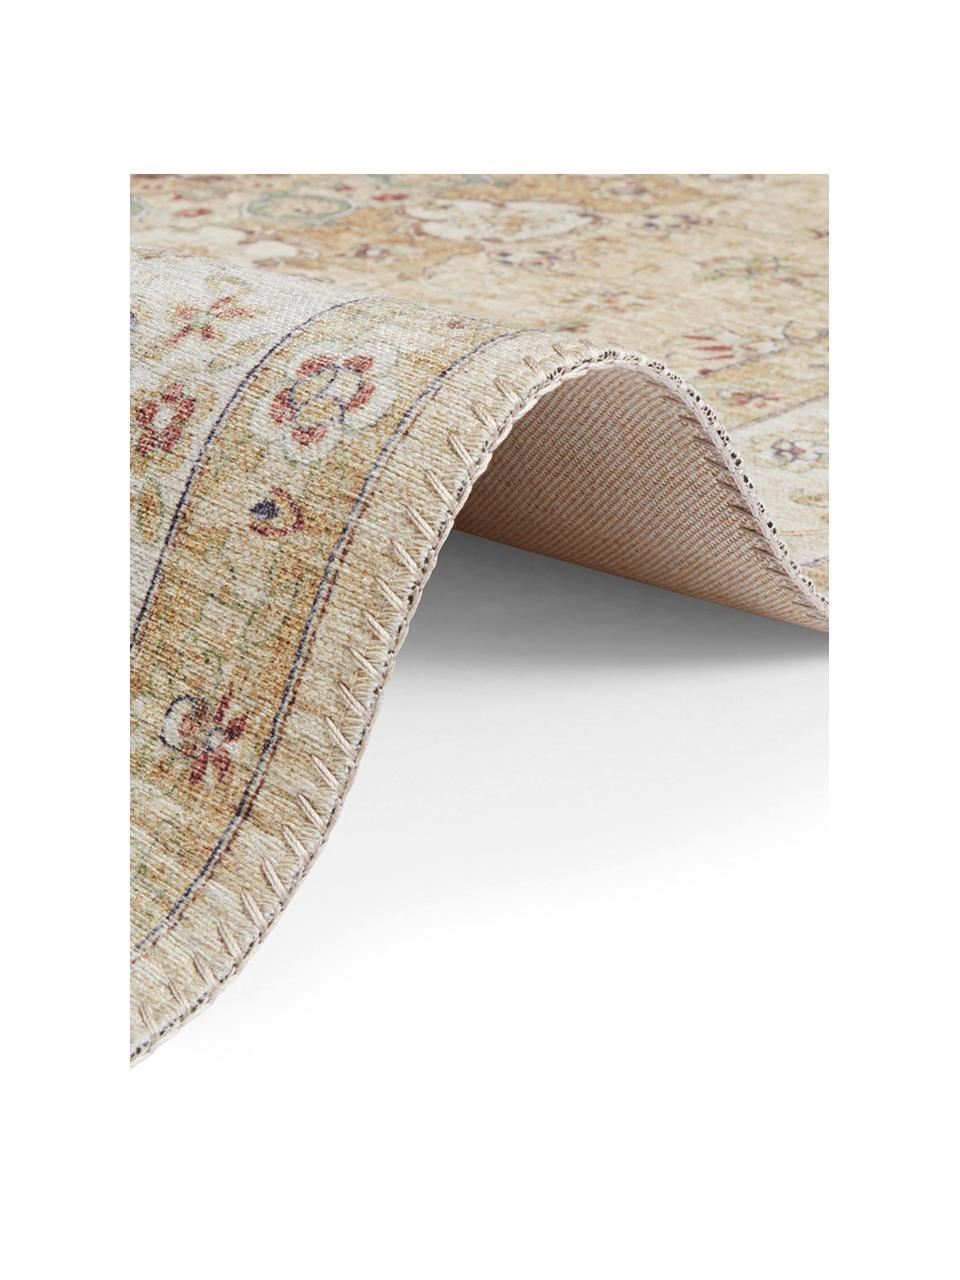 Teppich Nain im Orient Style, 100% Polyester, Gelb, Beigetöne, B 200 x L 290 cm (Größe L)